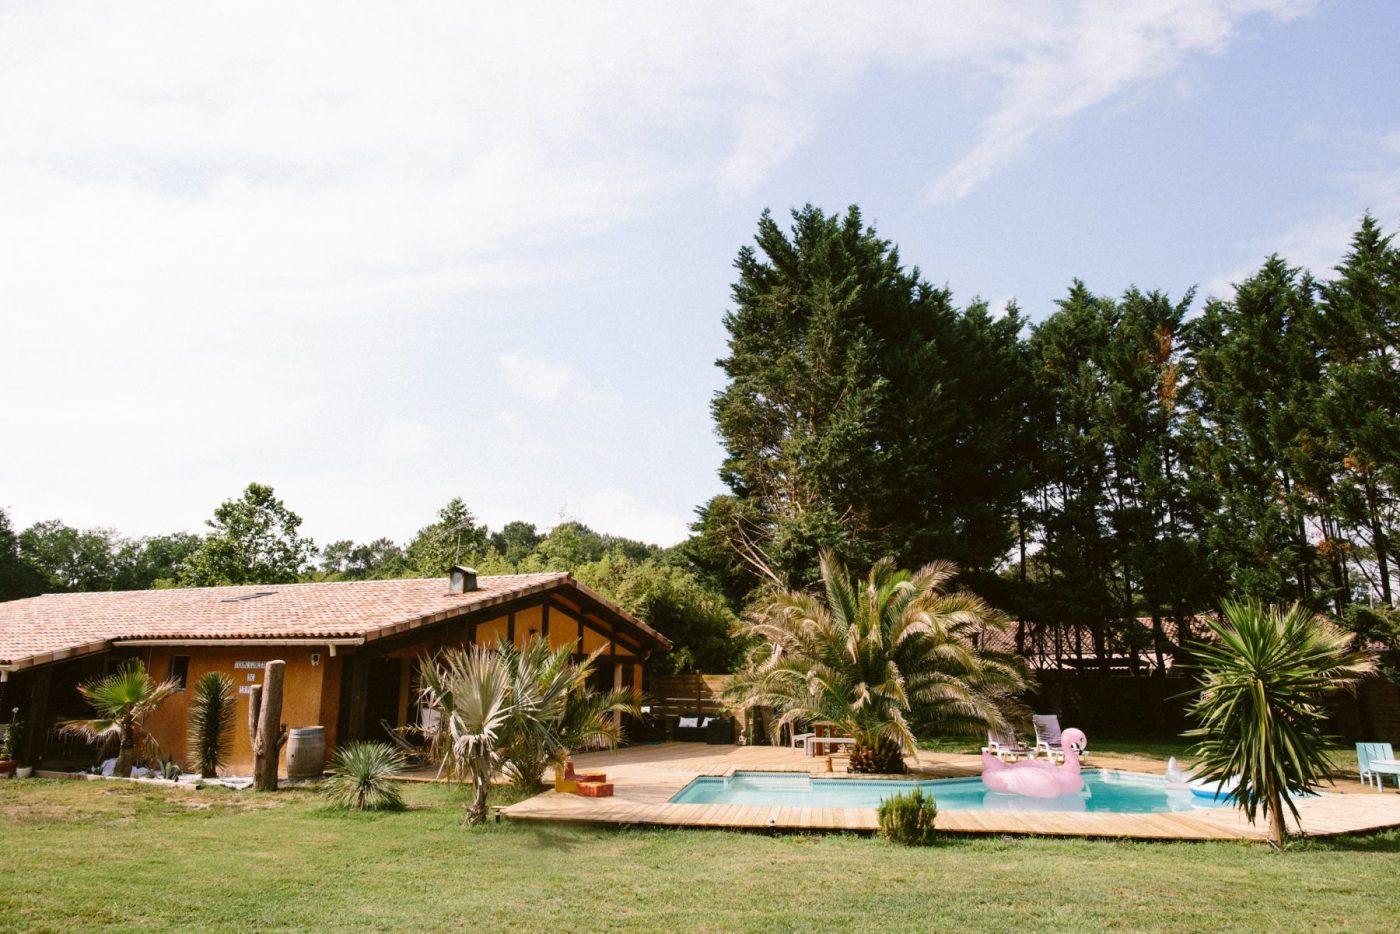 hacienda messanges maison d 39 h tes bed and breakfast avec piscine au coeur de la for t landaise. Black Bedroom Furniture Sets. Home Design Ideas